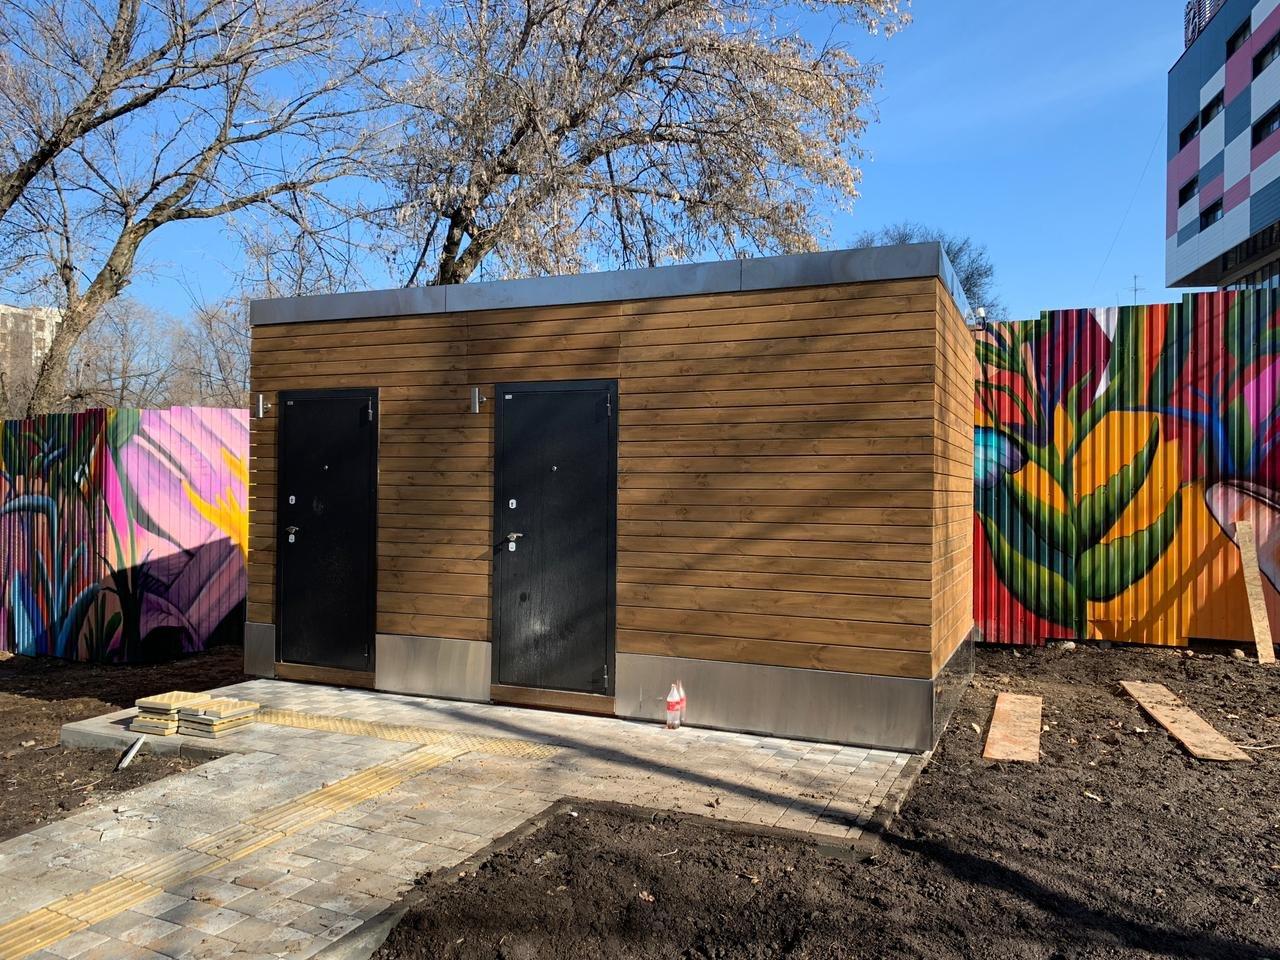 Общественный туалет в парке уже установлен, Фото прислано читателем